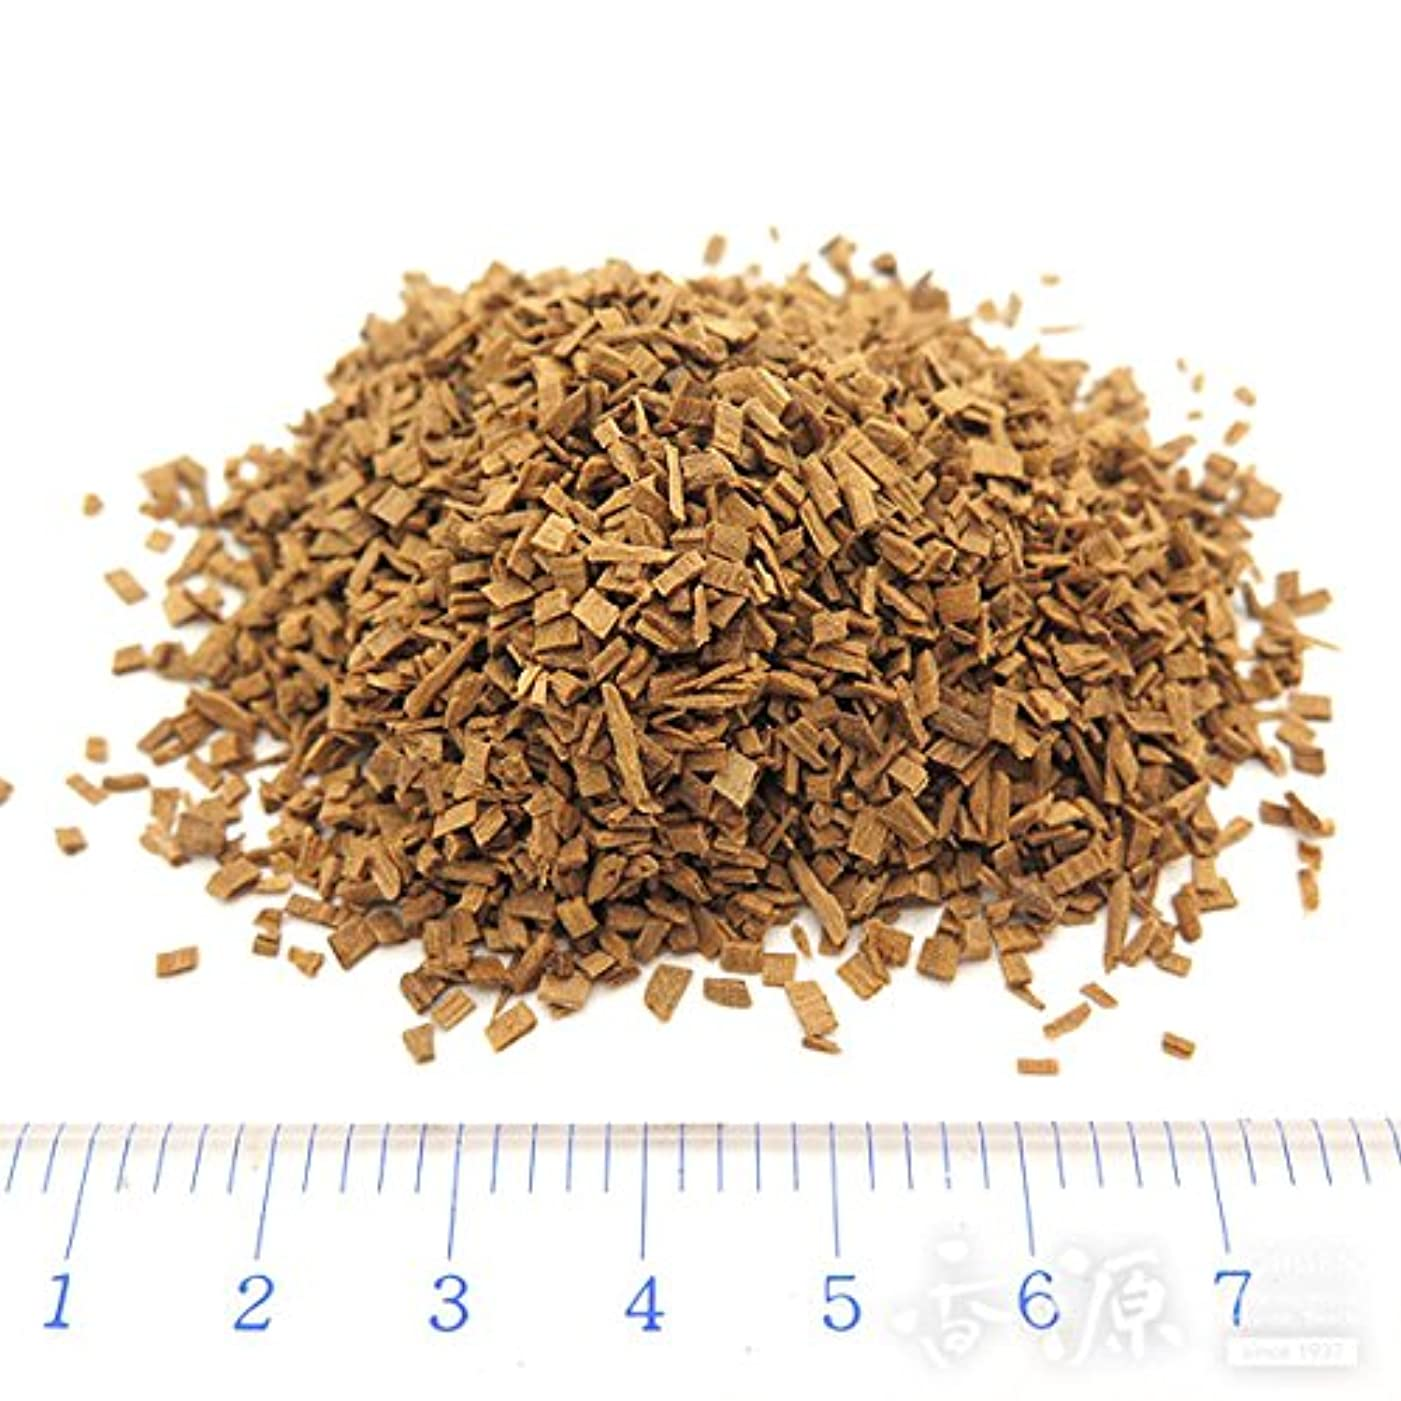 シャットグレーバッグ香木/お香原料 インド産 老山白檀 刻み 500g